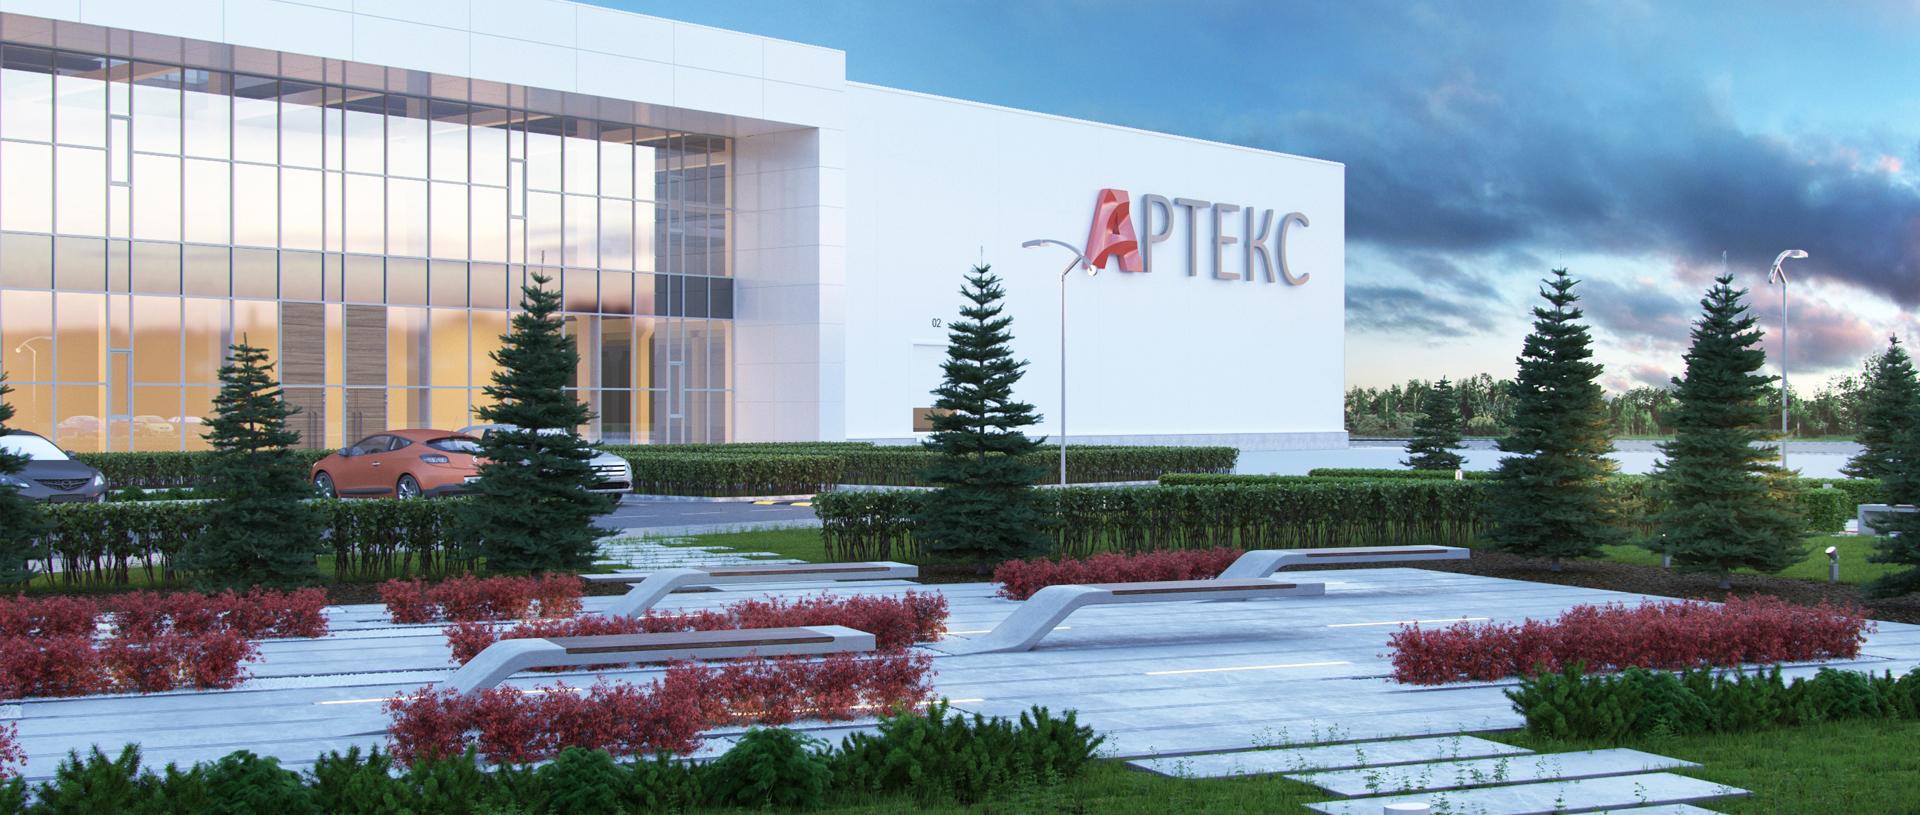 Arteks textile factory